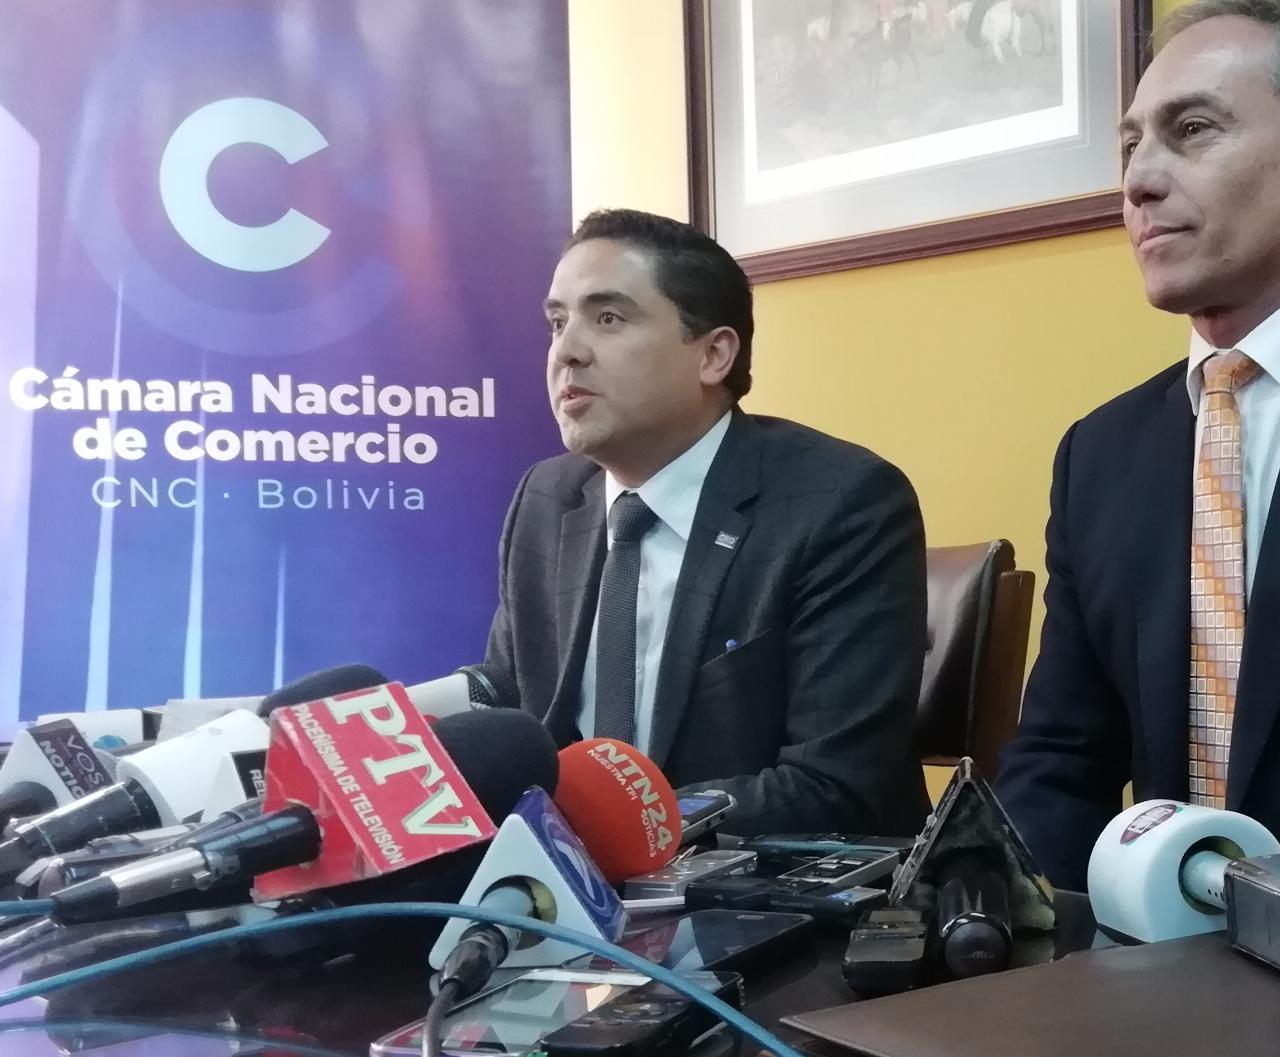 La Cámara Nacional de Comercio muestran su preocupación por la crisis argentina